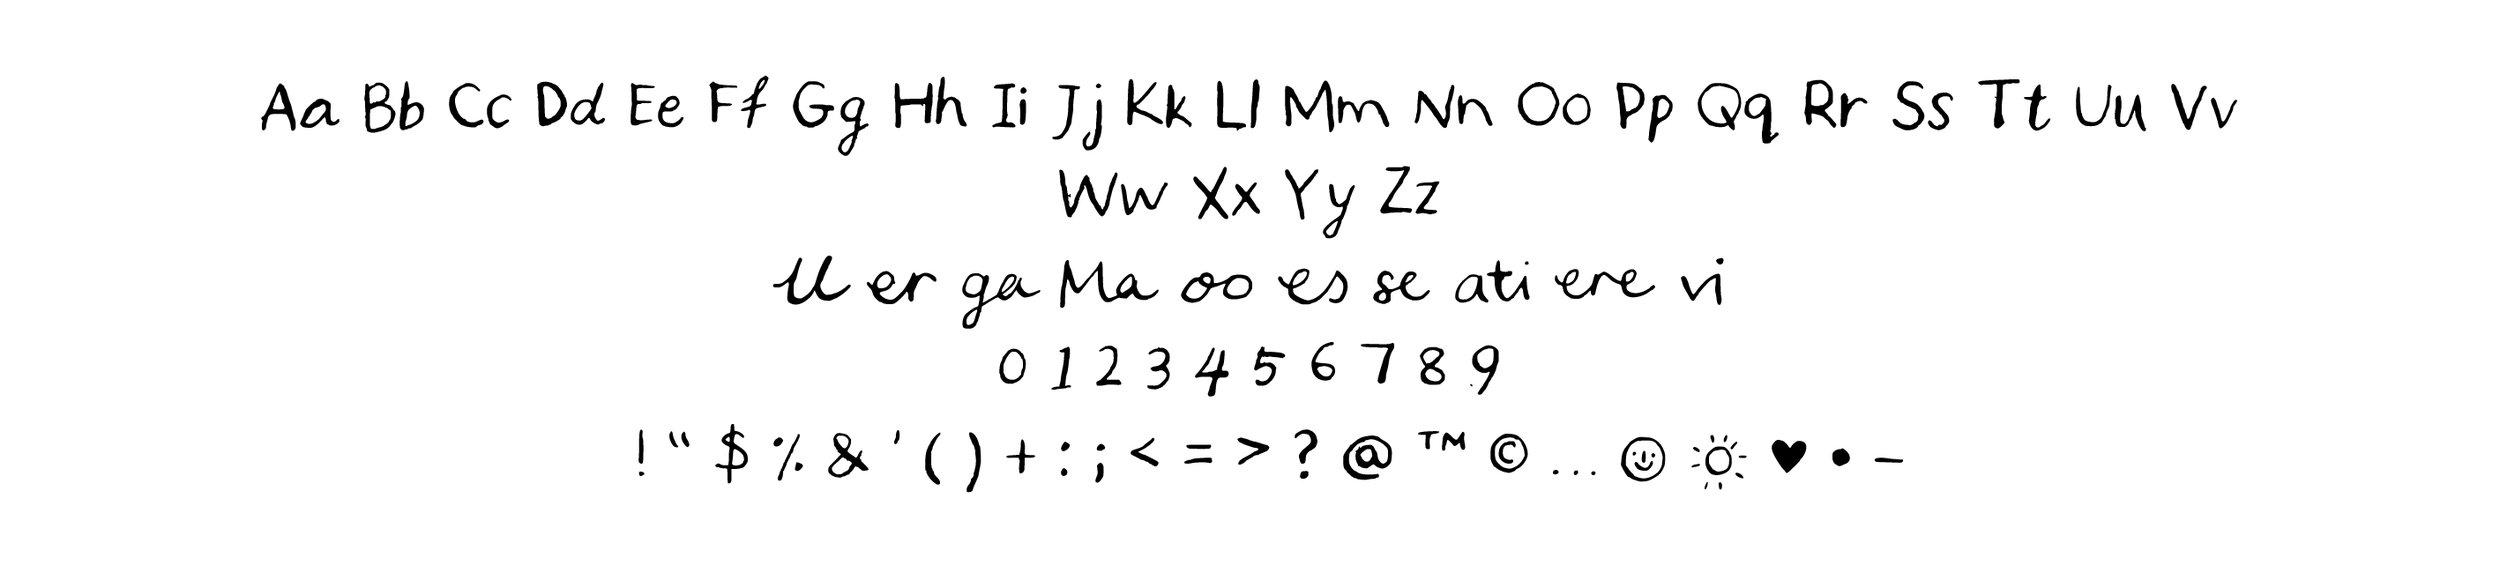 joy_cali1font_alphabet©.jpg